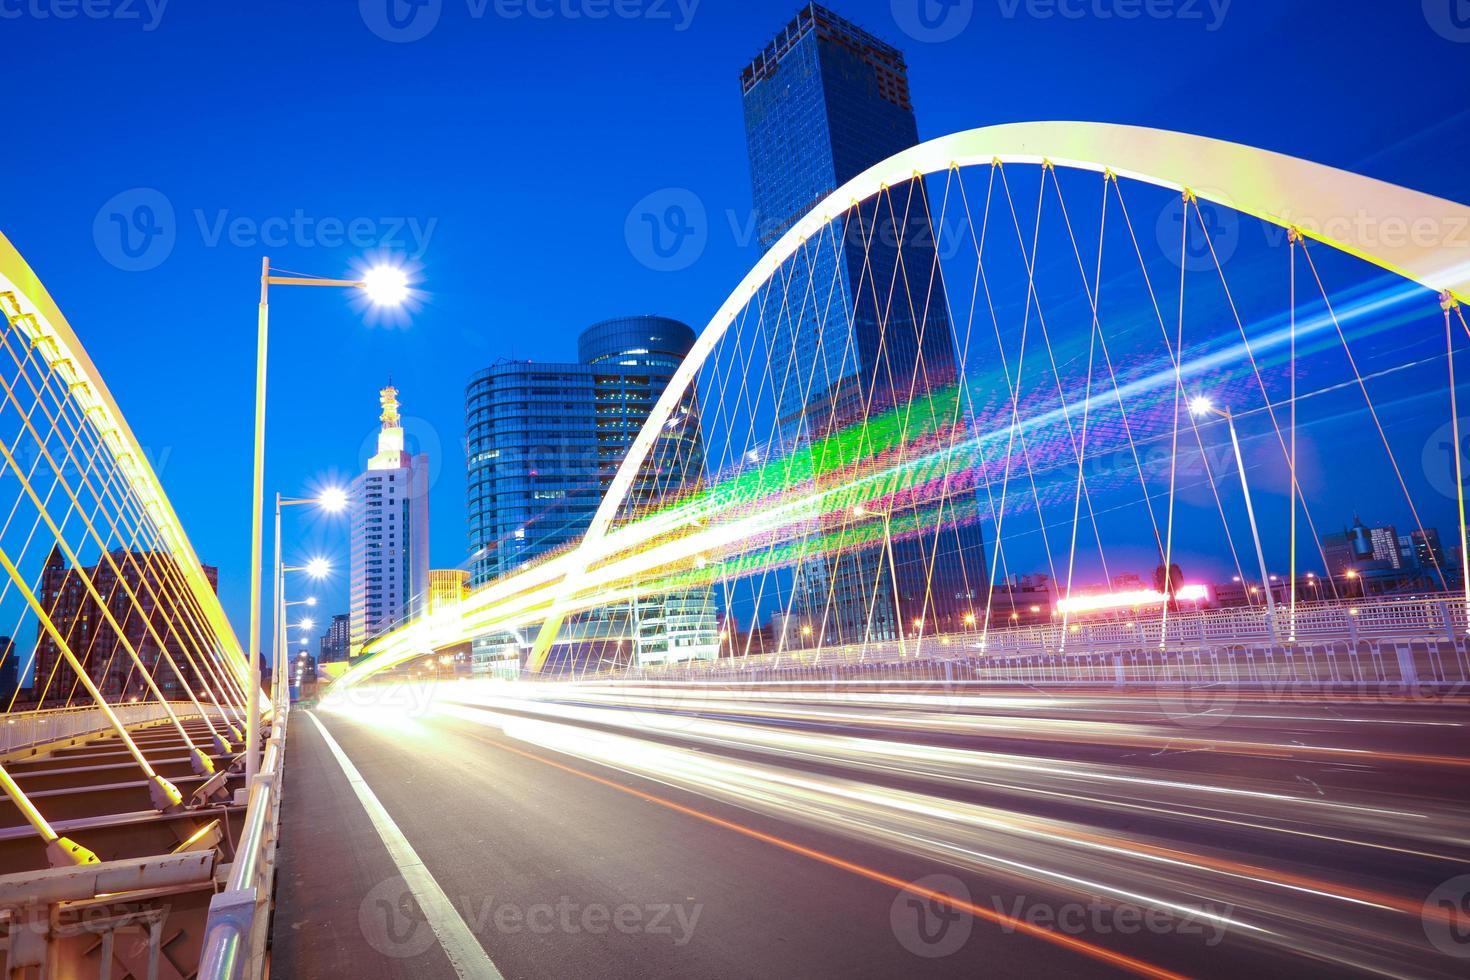 arc pont poutre autoroute voiture lumière sentiers ville ville nuit paysage photo